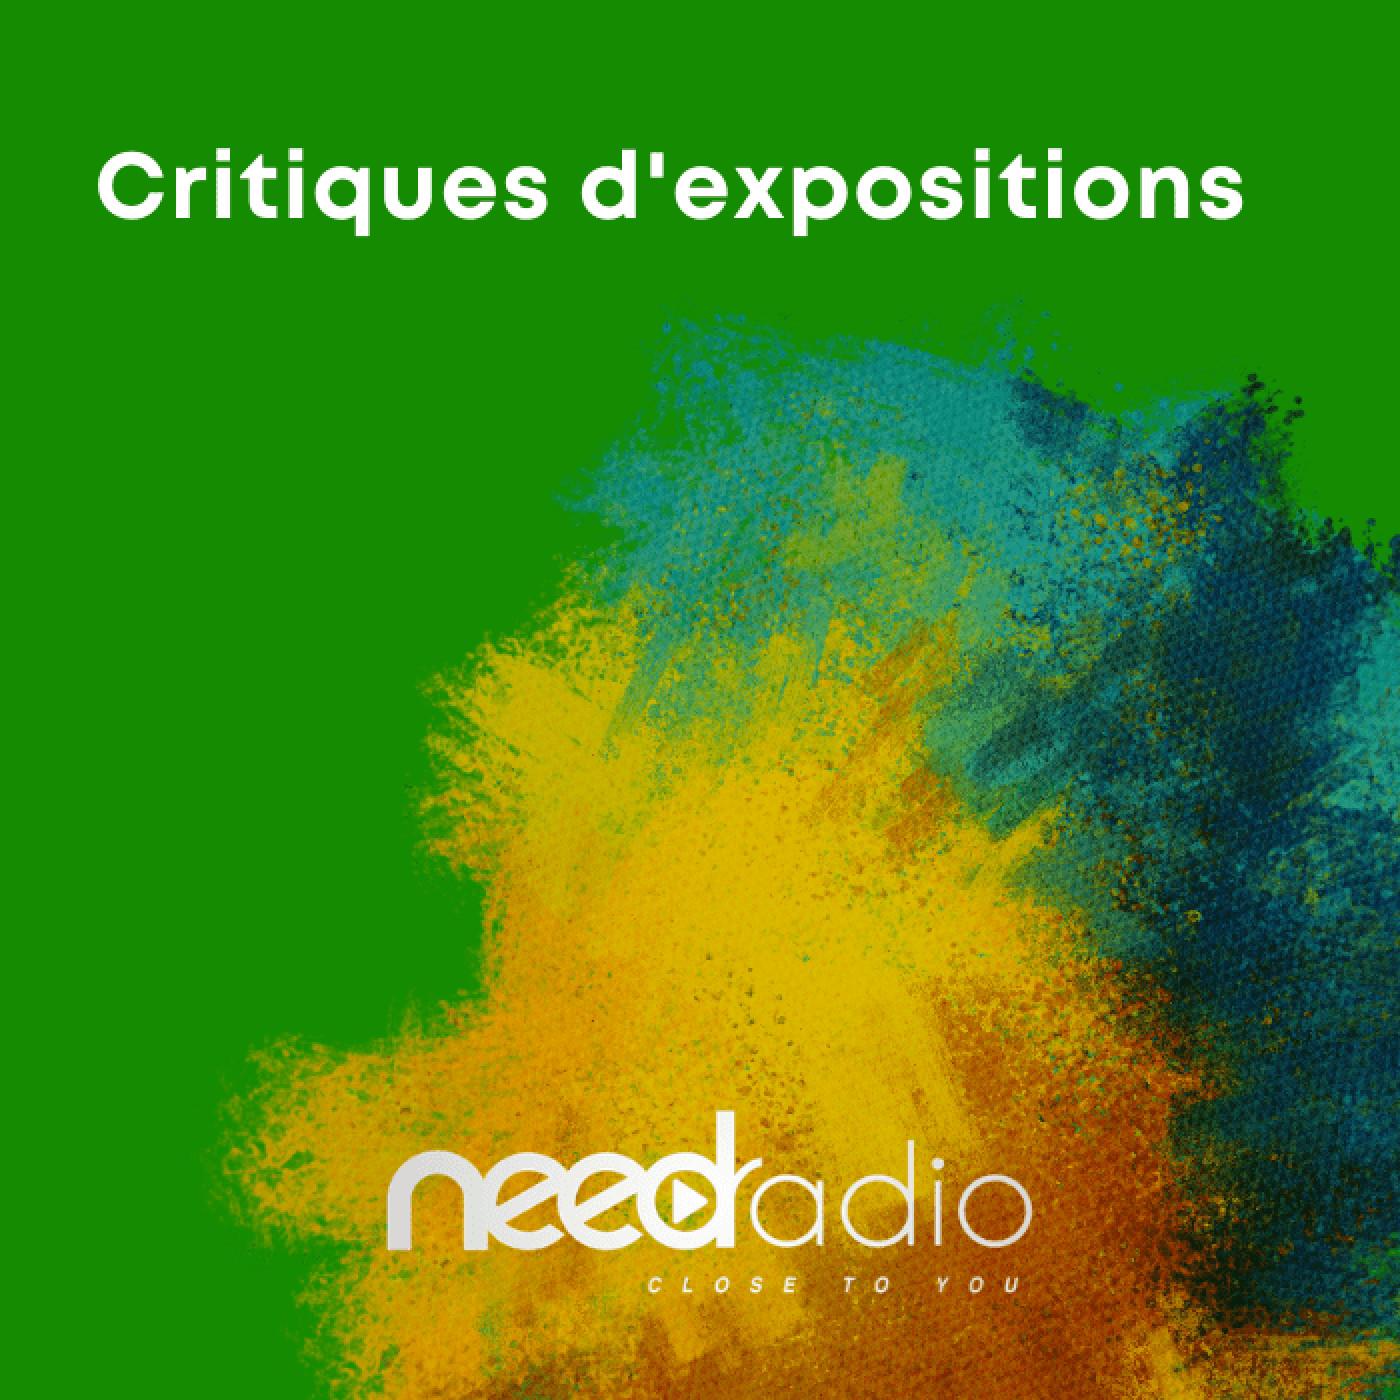 #LCDCF - Critiques d'expositions - Jastram sculpteur et Yvonne Sabelette (29/09/19)